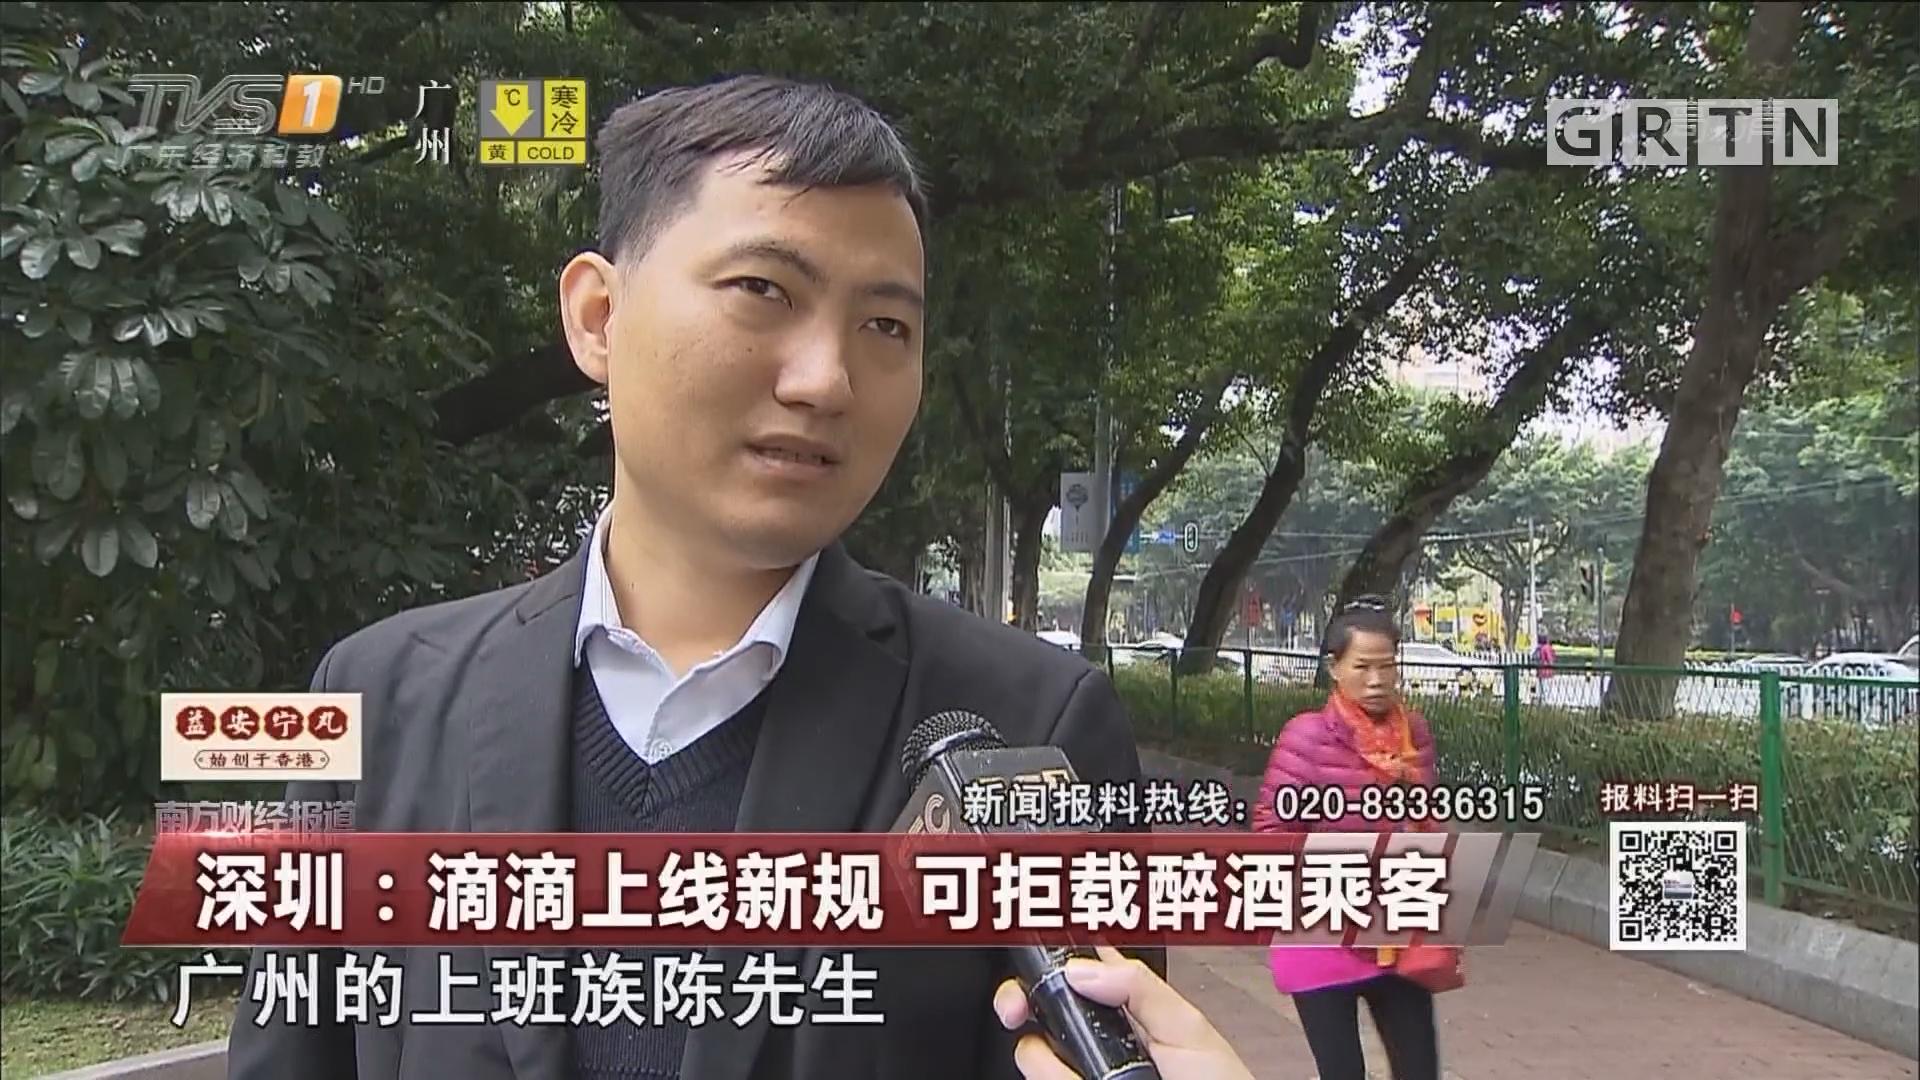 深圳:滴滴上线新规 可拒载醉酒乘客